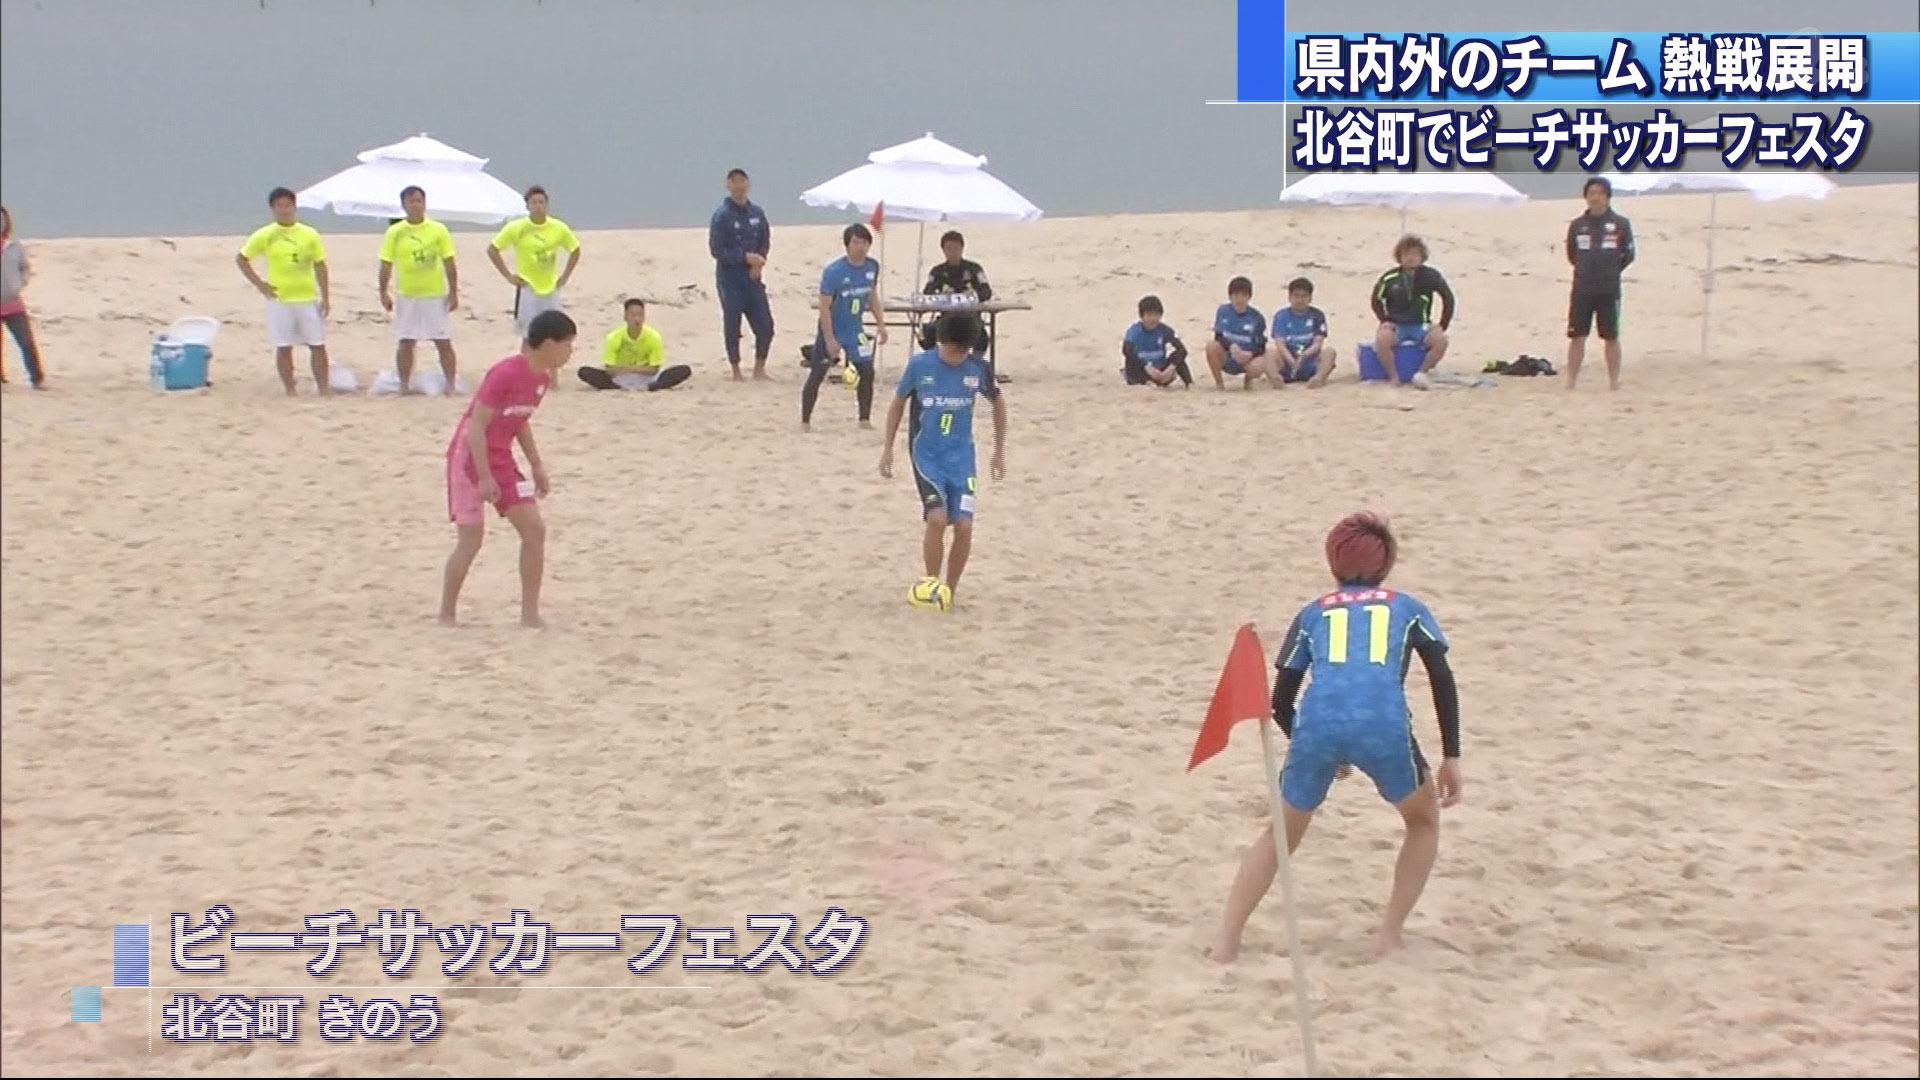 ビーチサッカーフェスタ開催